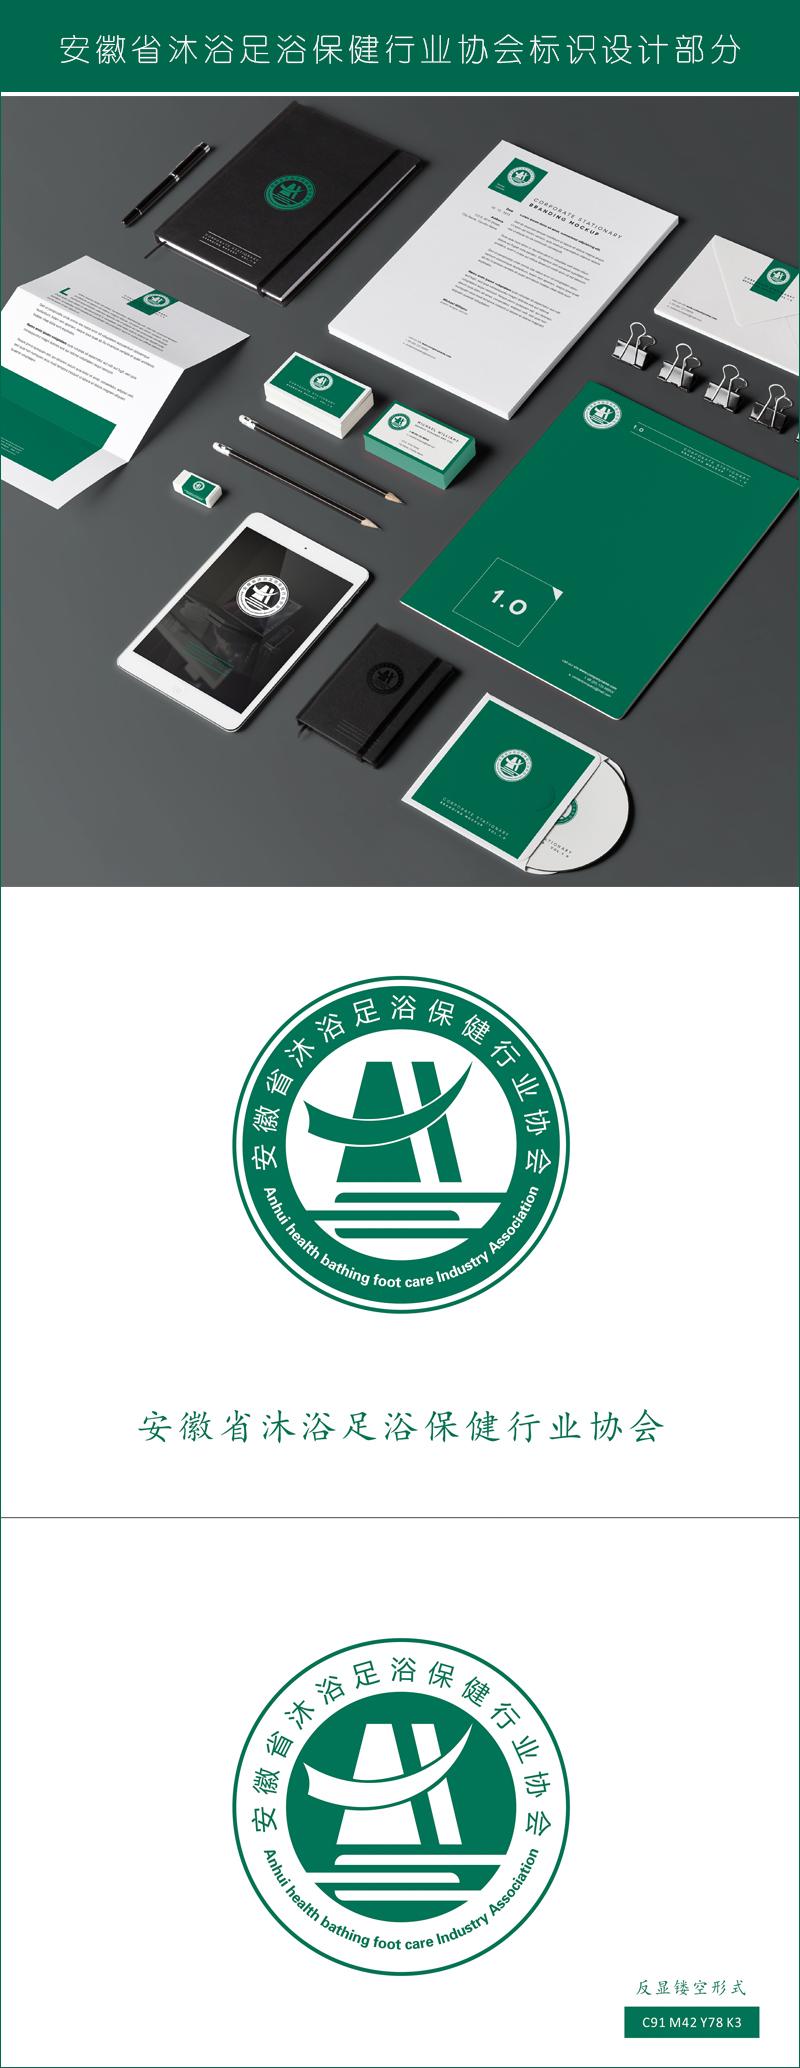 安徽省沐浴足疗保健行业协会标识设计(图1)